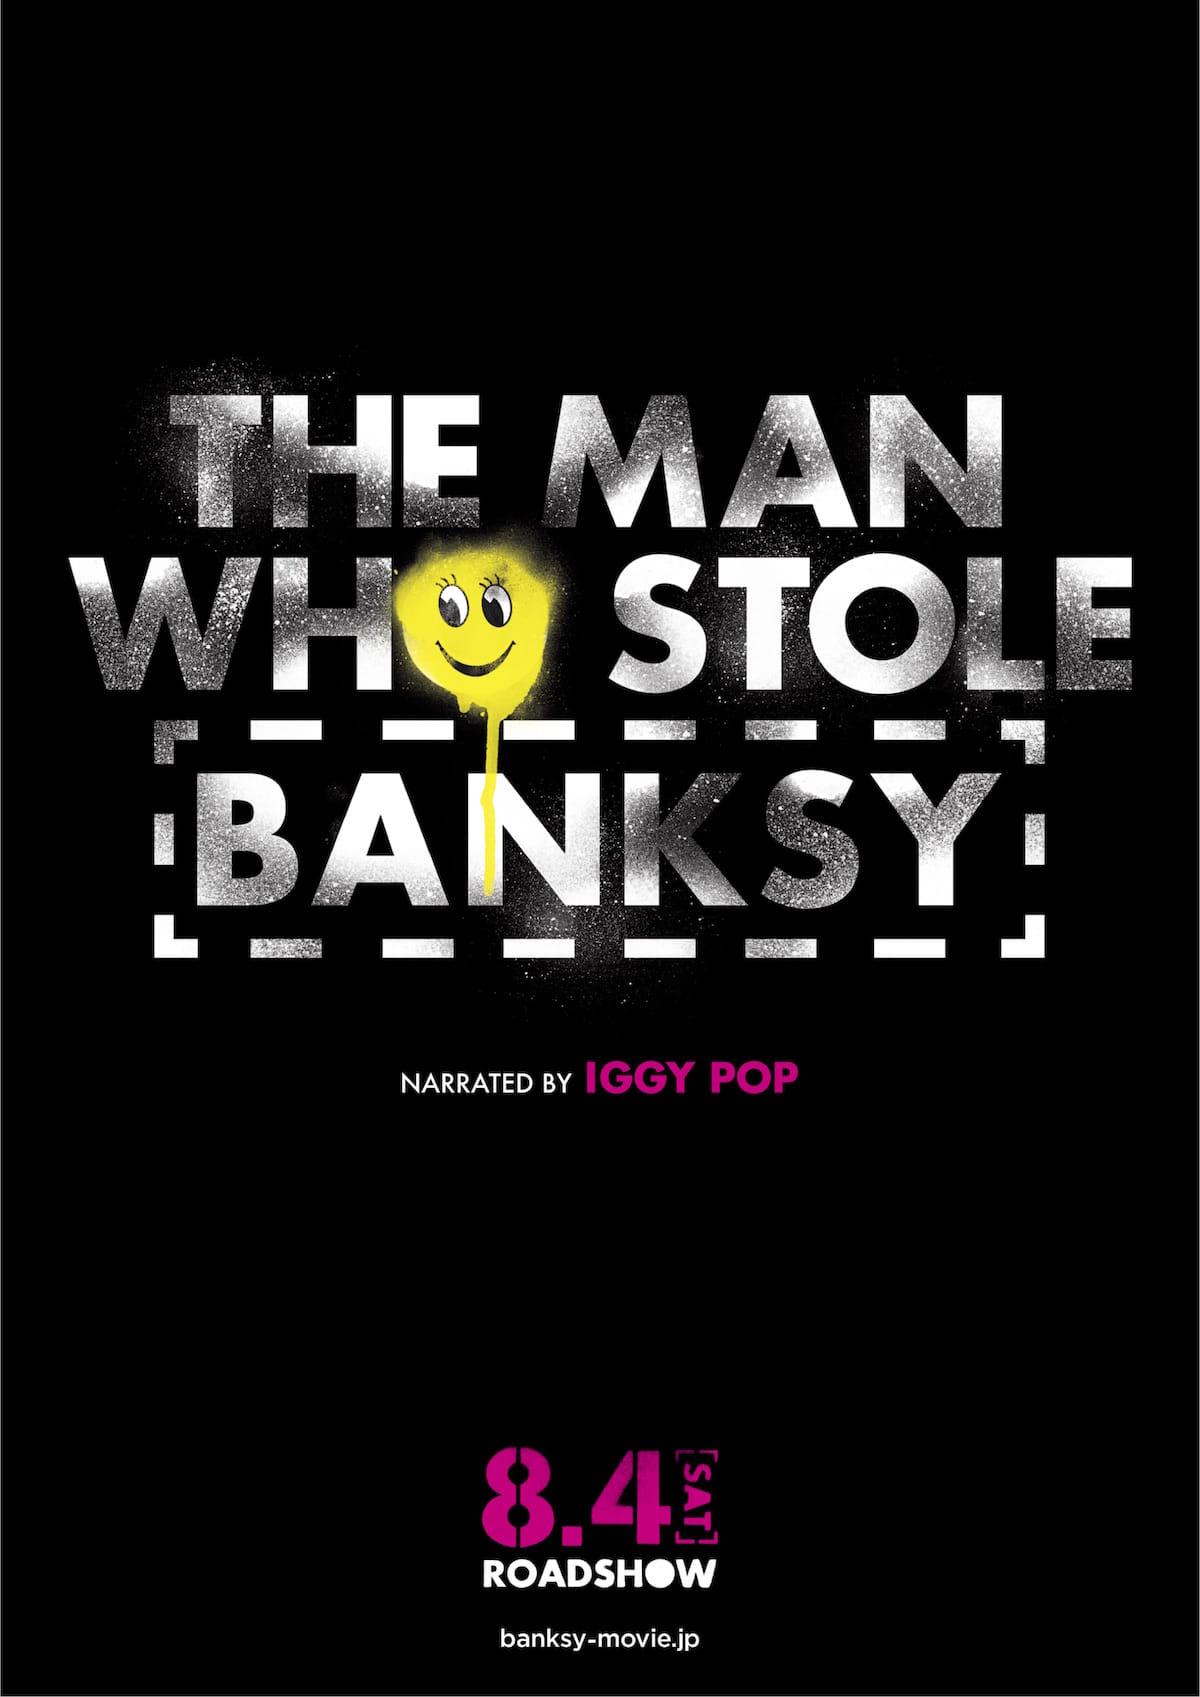 アートが放つ魅力と影響力に迫るドキュメンタリー映画『バンクシーを盗んだ男』場面写真が公開 fil180412man-who-stole-banksy-1-1200x1697